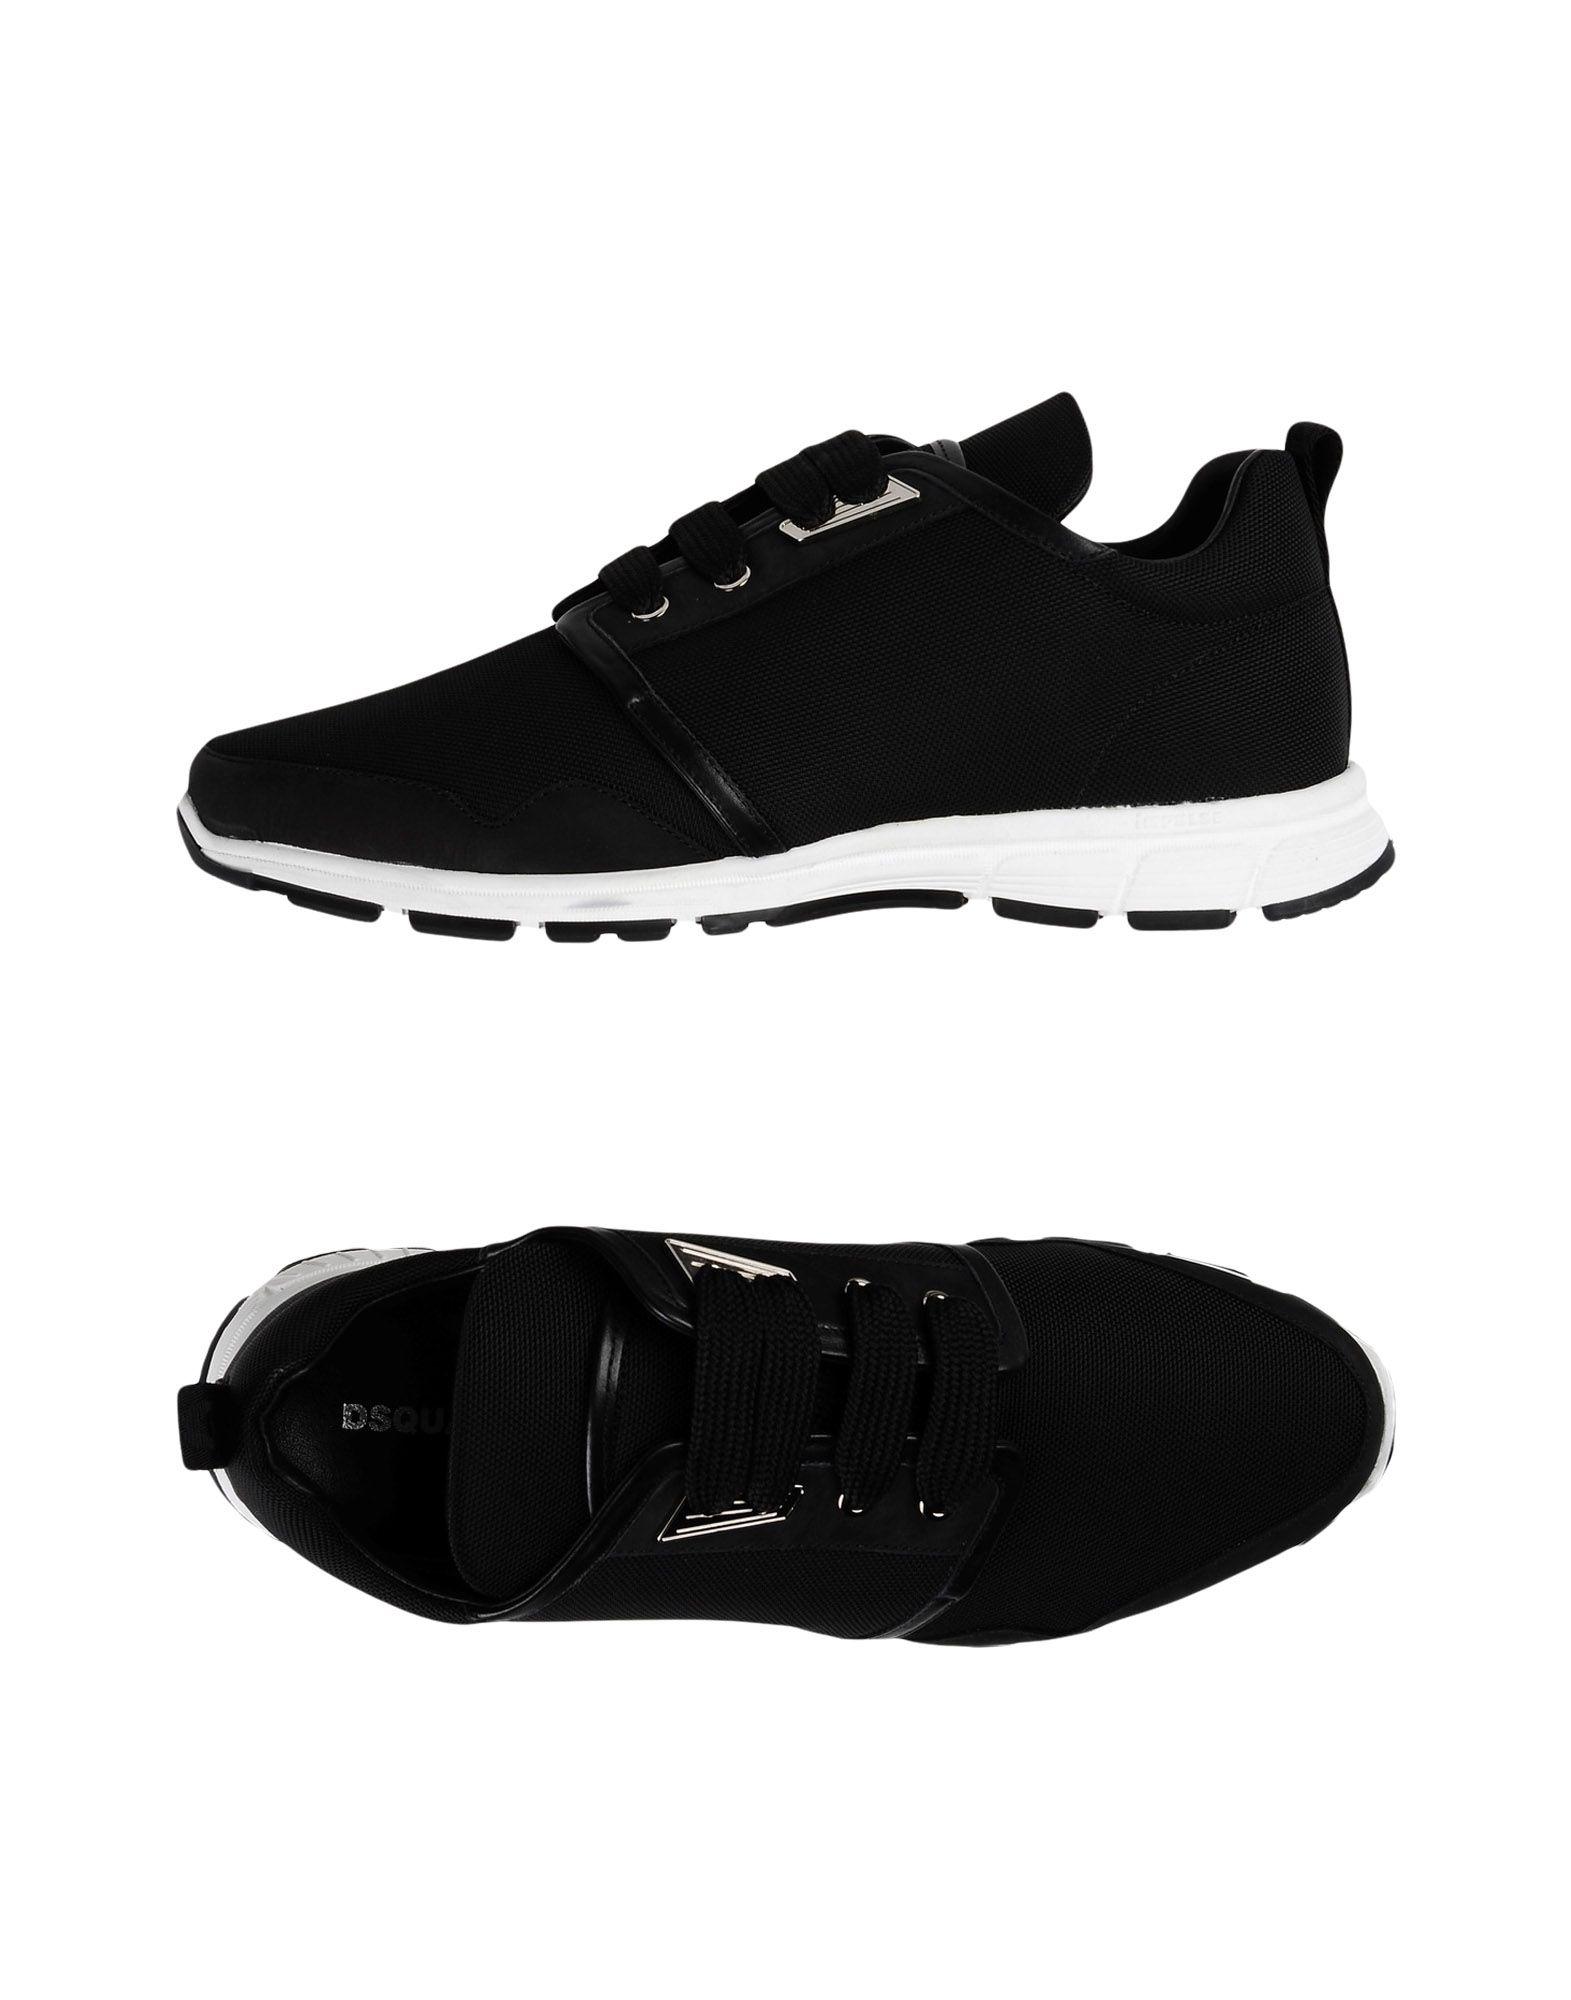 Dsquared2 Sneakers Herren  11411093CO Gute Qualität beliebte Schuhe